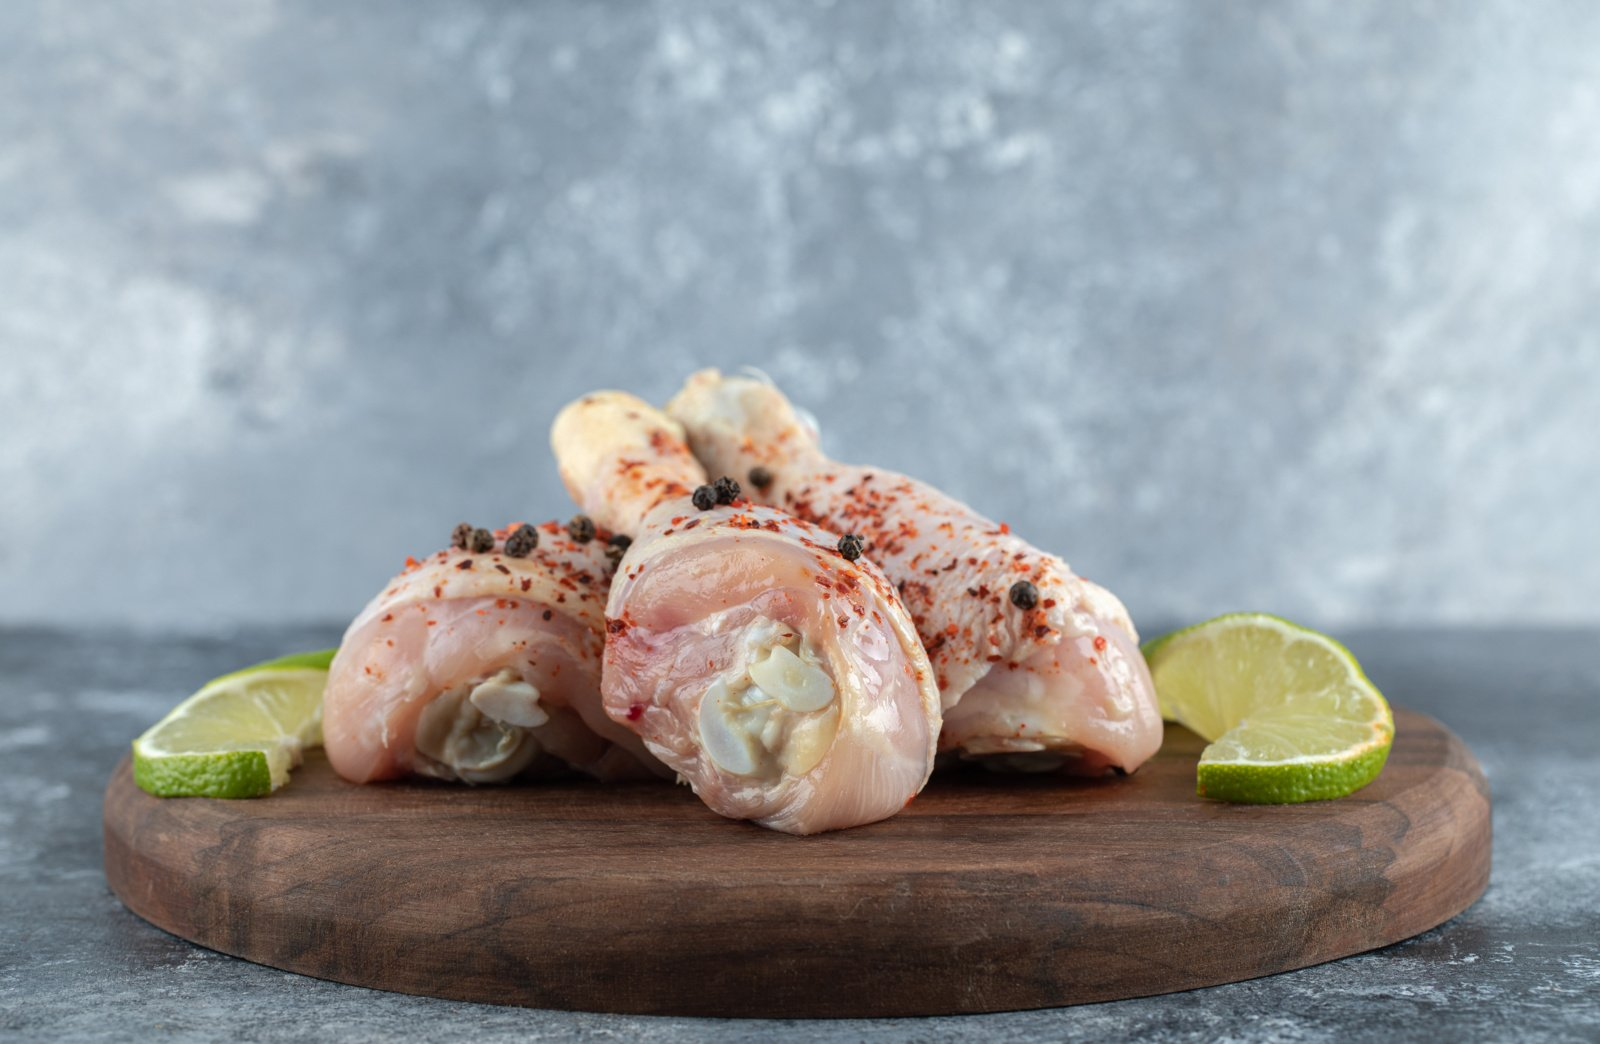 Ar galima likusią nesuvartotą marinuotą mėsą užšaldyti?